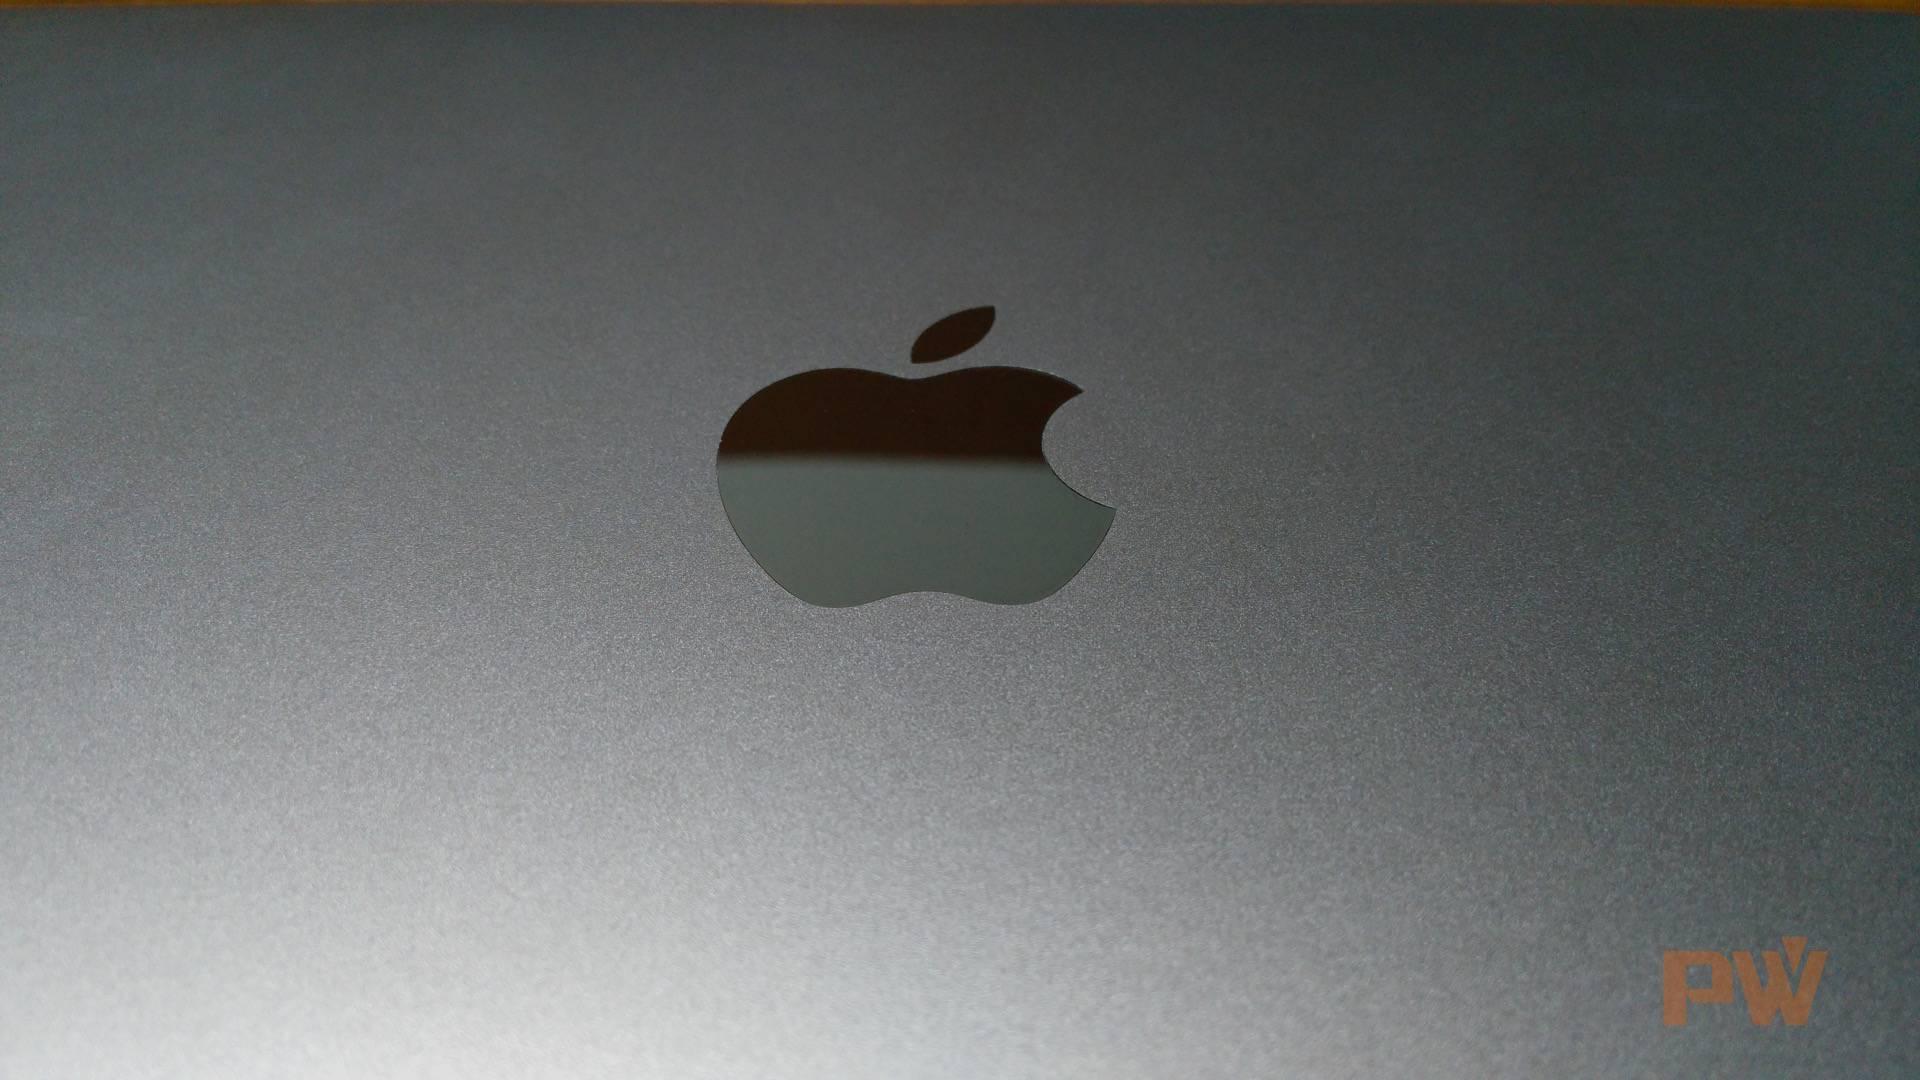 macbook-logo